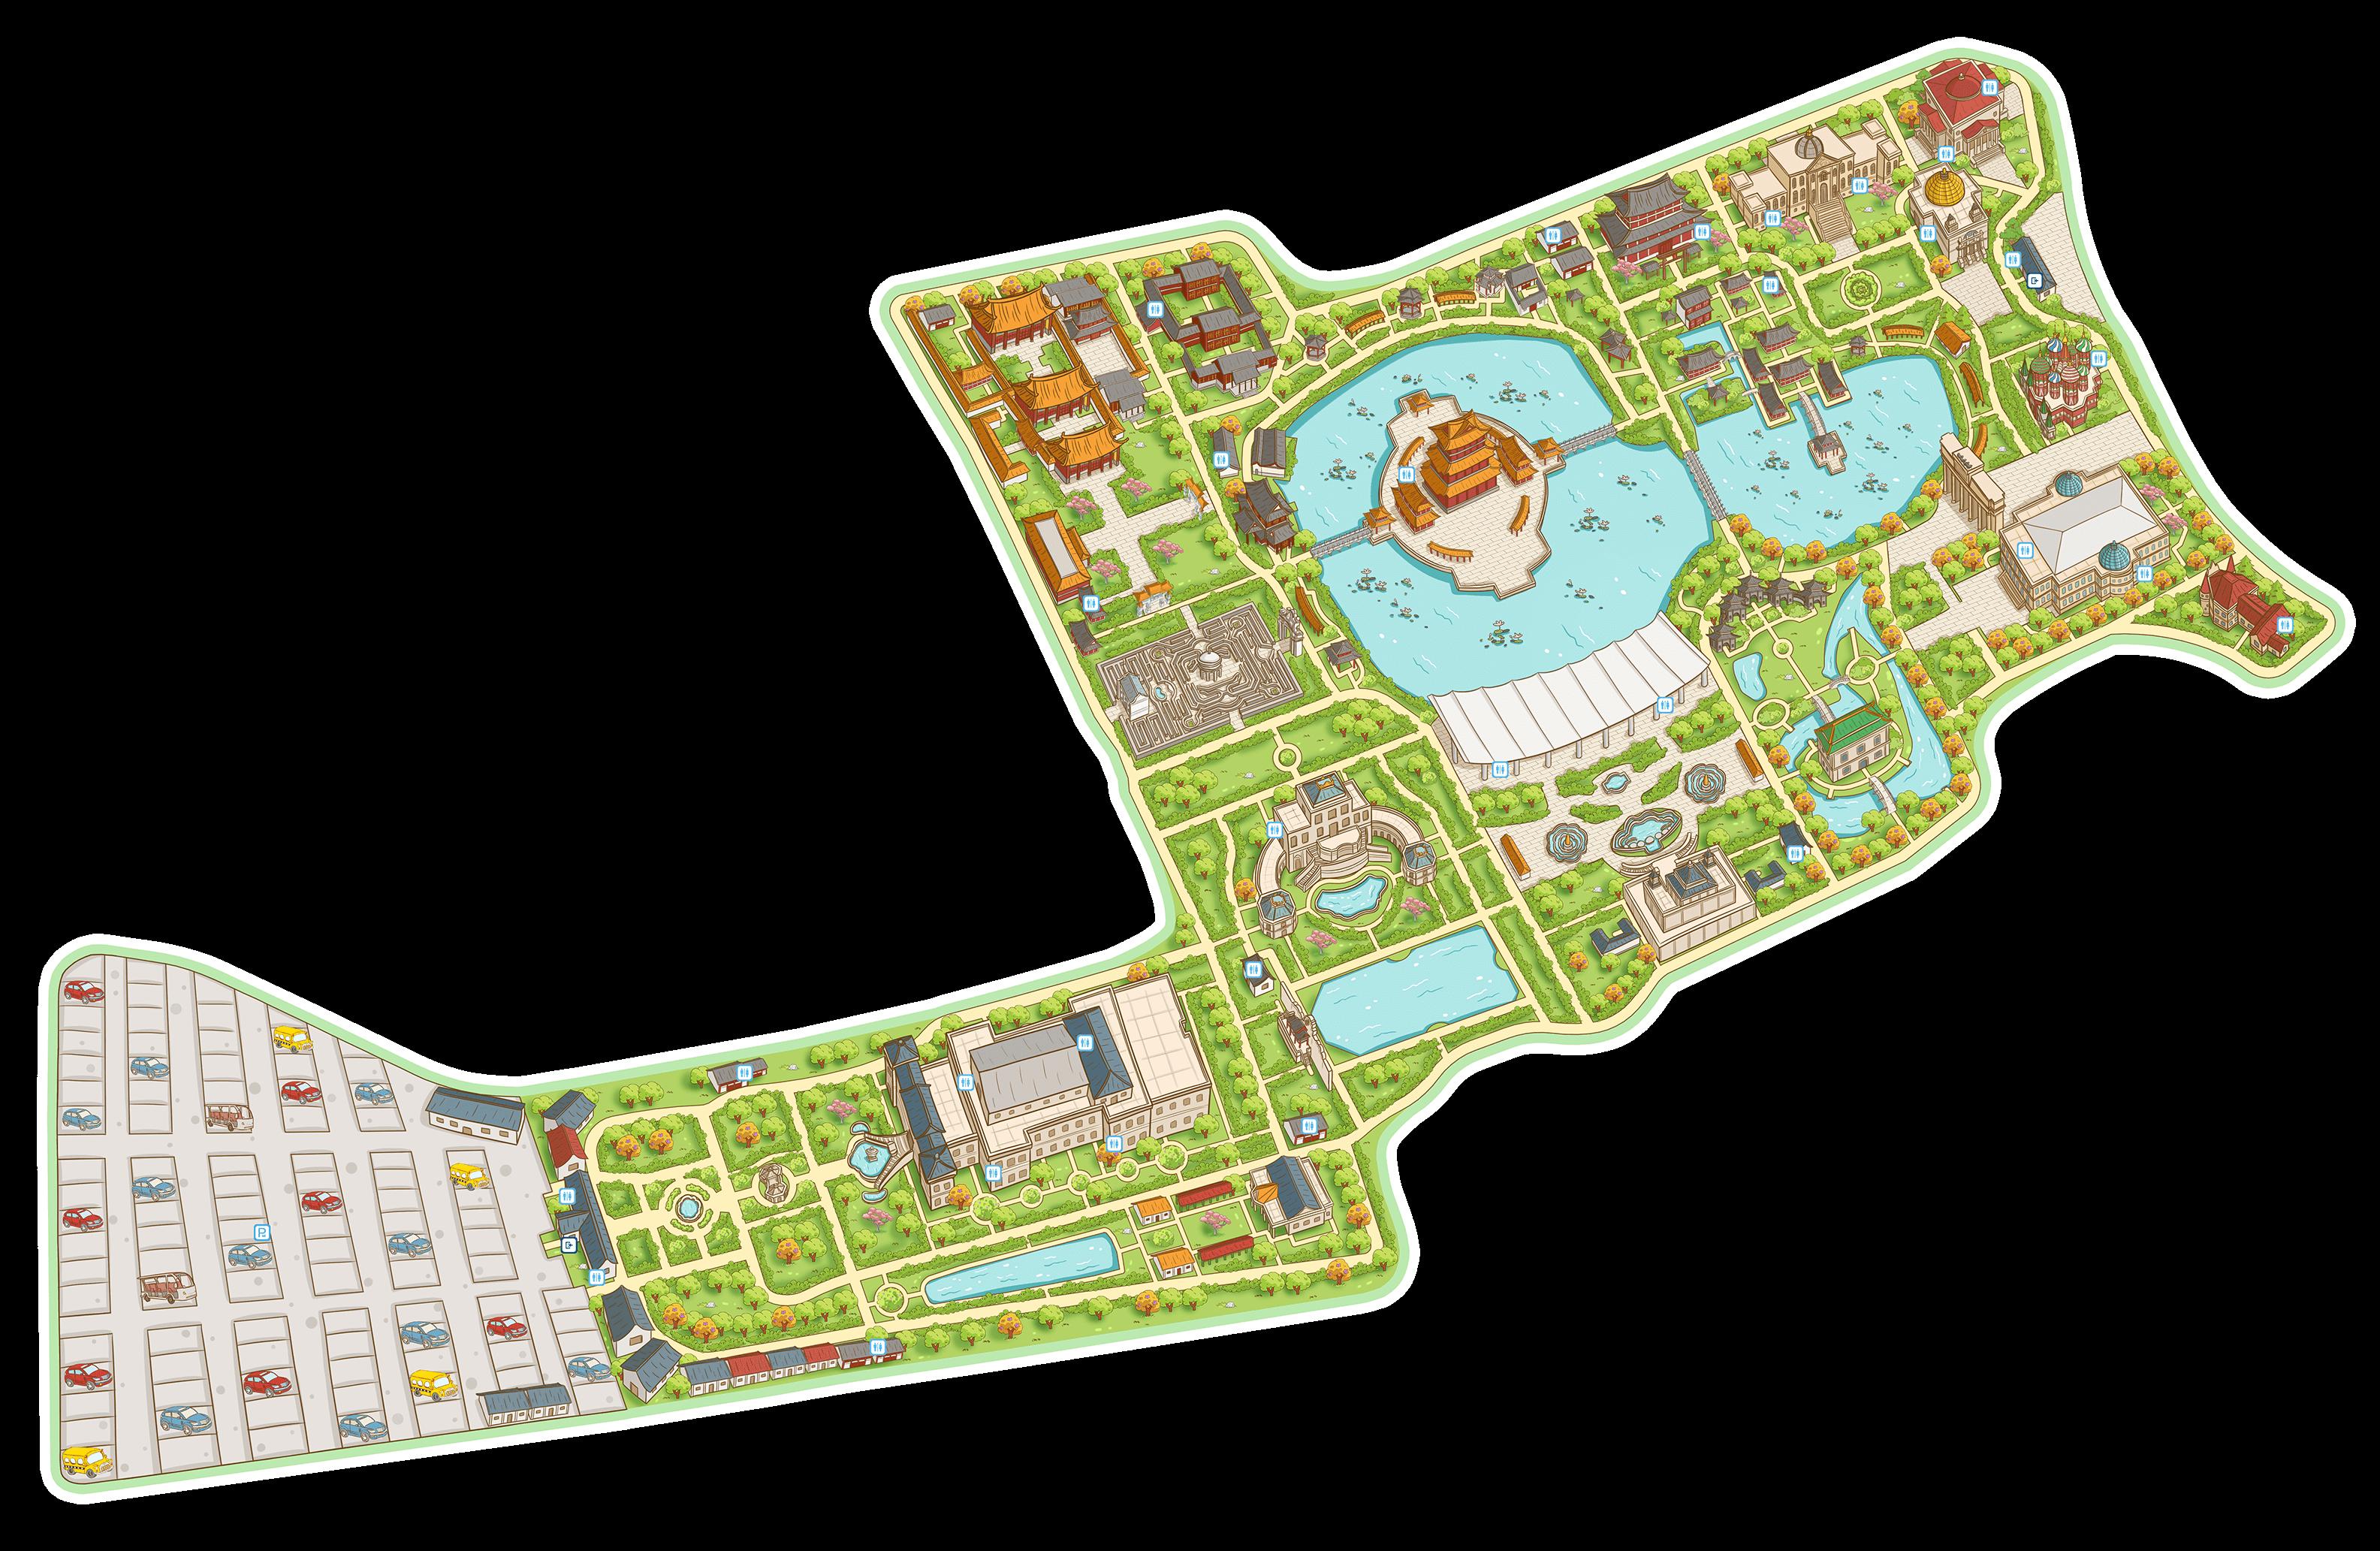 【产品特色】 ①精美手绘地图,极速展现景区全貌 ②景点清晰标注